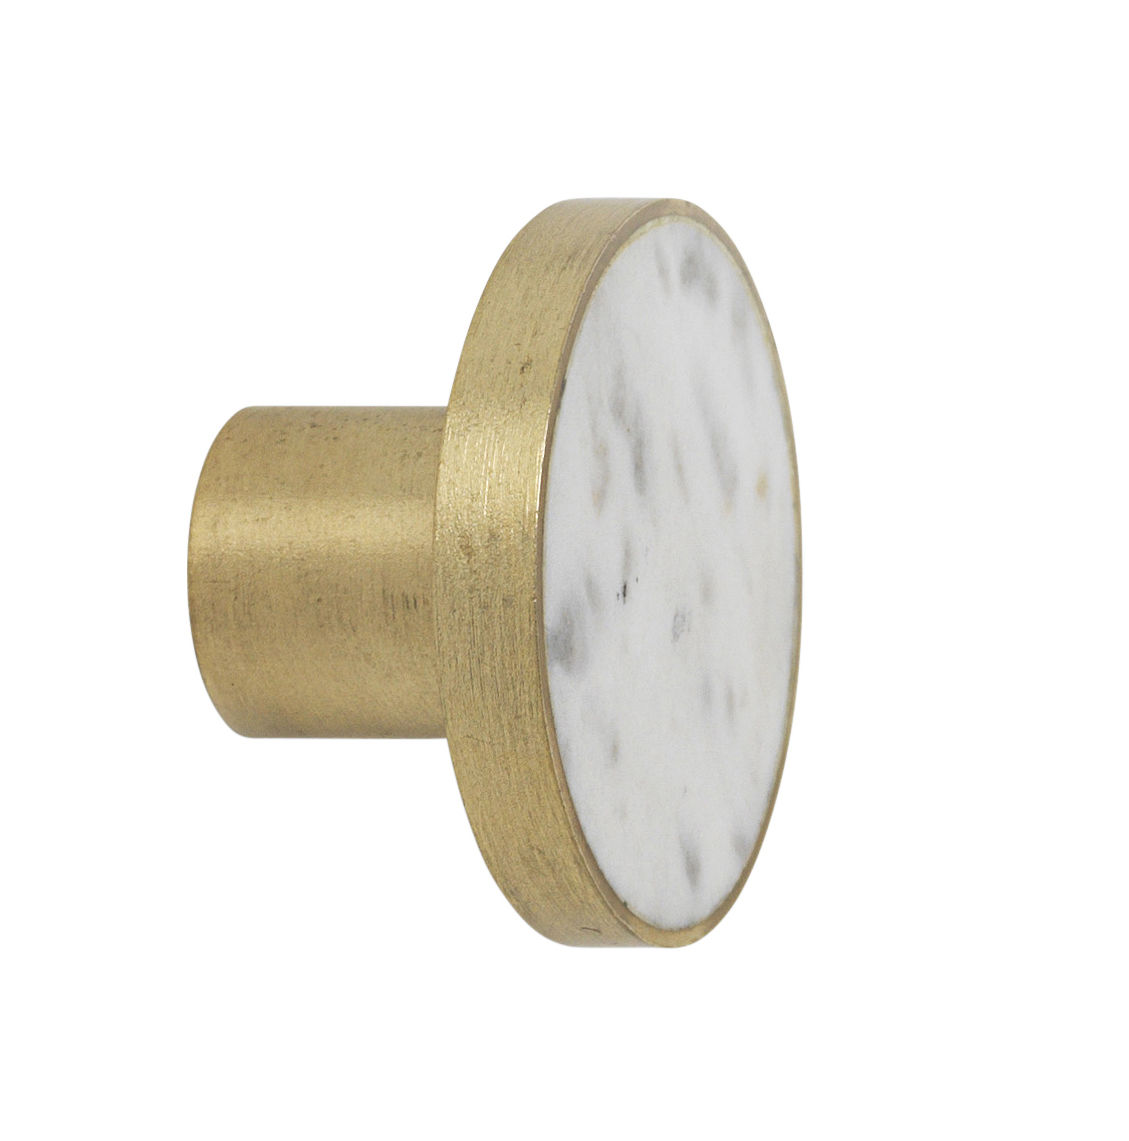 Möbel - Garderoben und Kleiderhaken - Marbre Large Wandhaken / Griff - Ø 4 cm - Ferm Living - Marmor weiß - Marmor, Messing